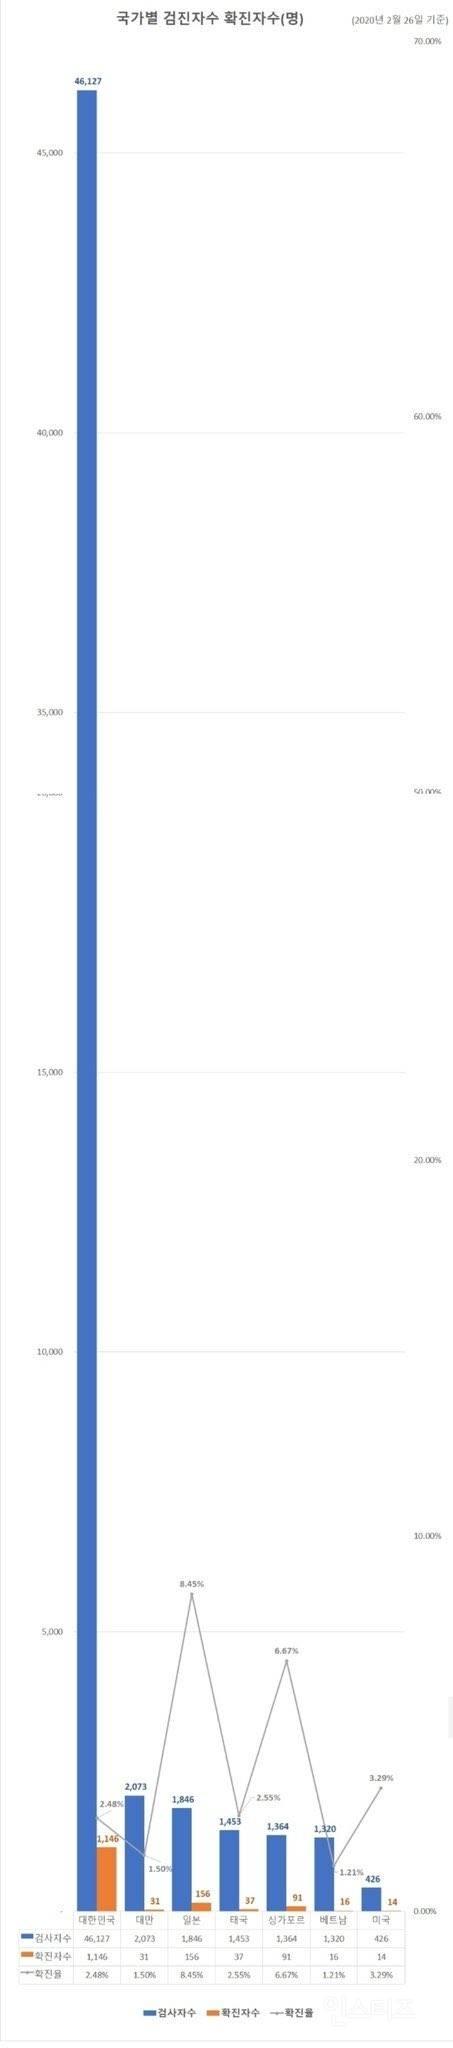 대한민국 코로나 검사자수 근황.jpg | 인스티즈